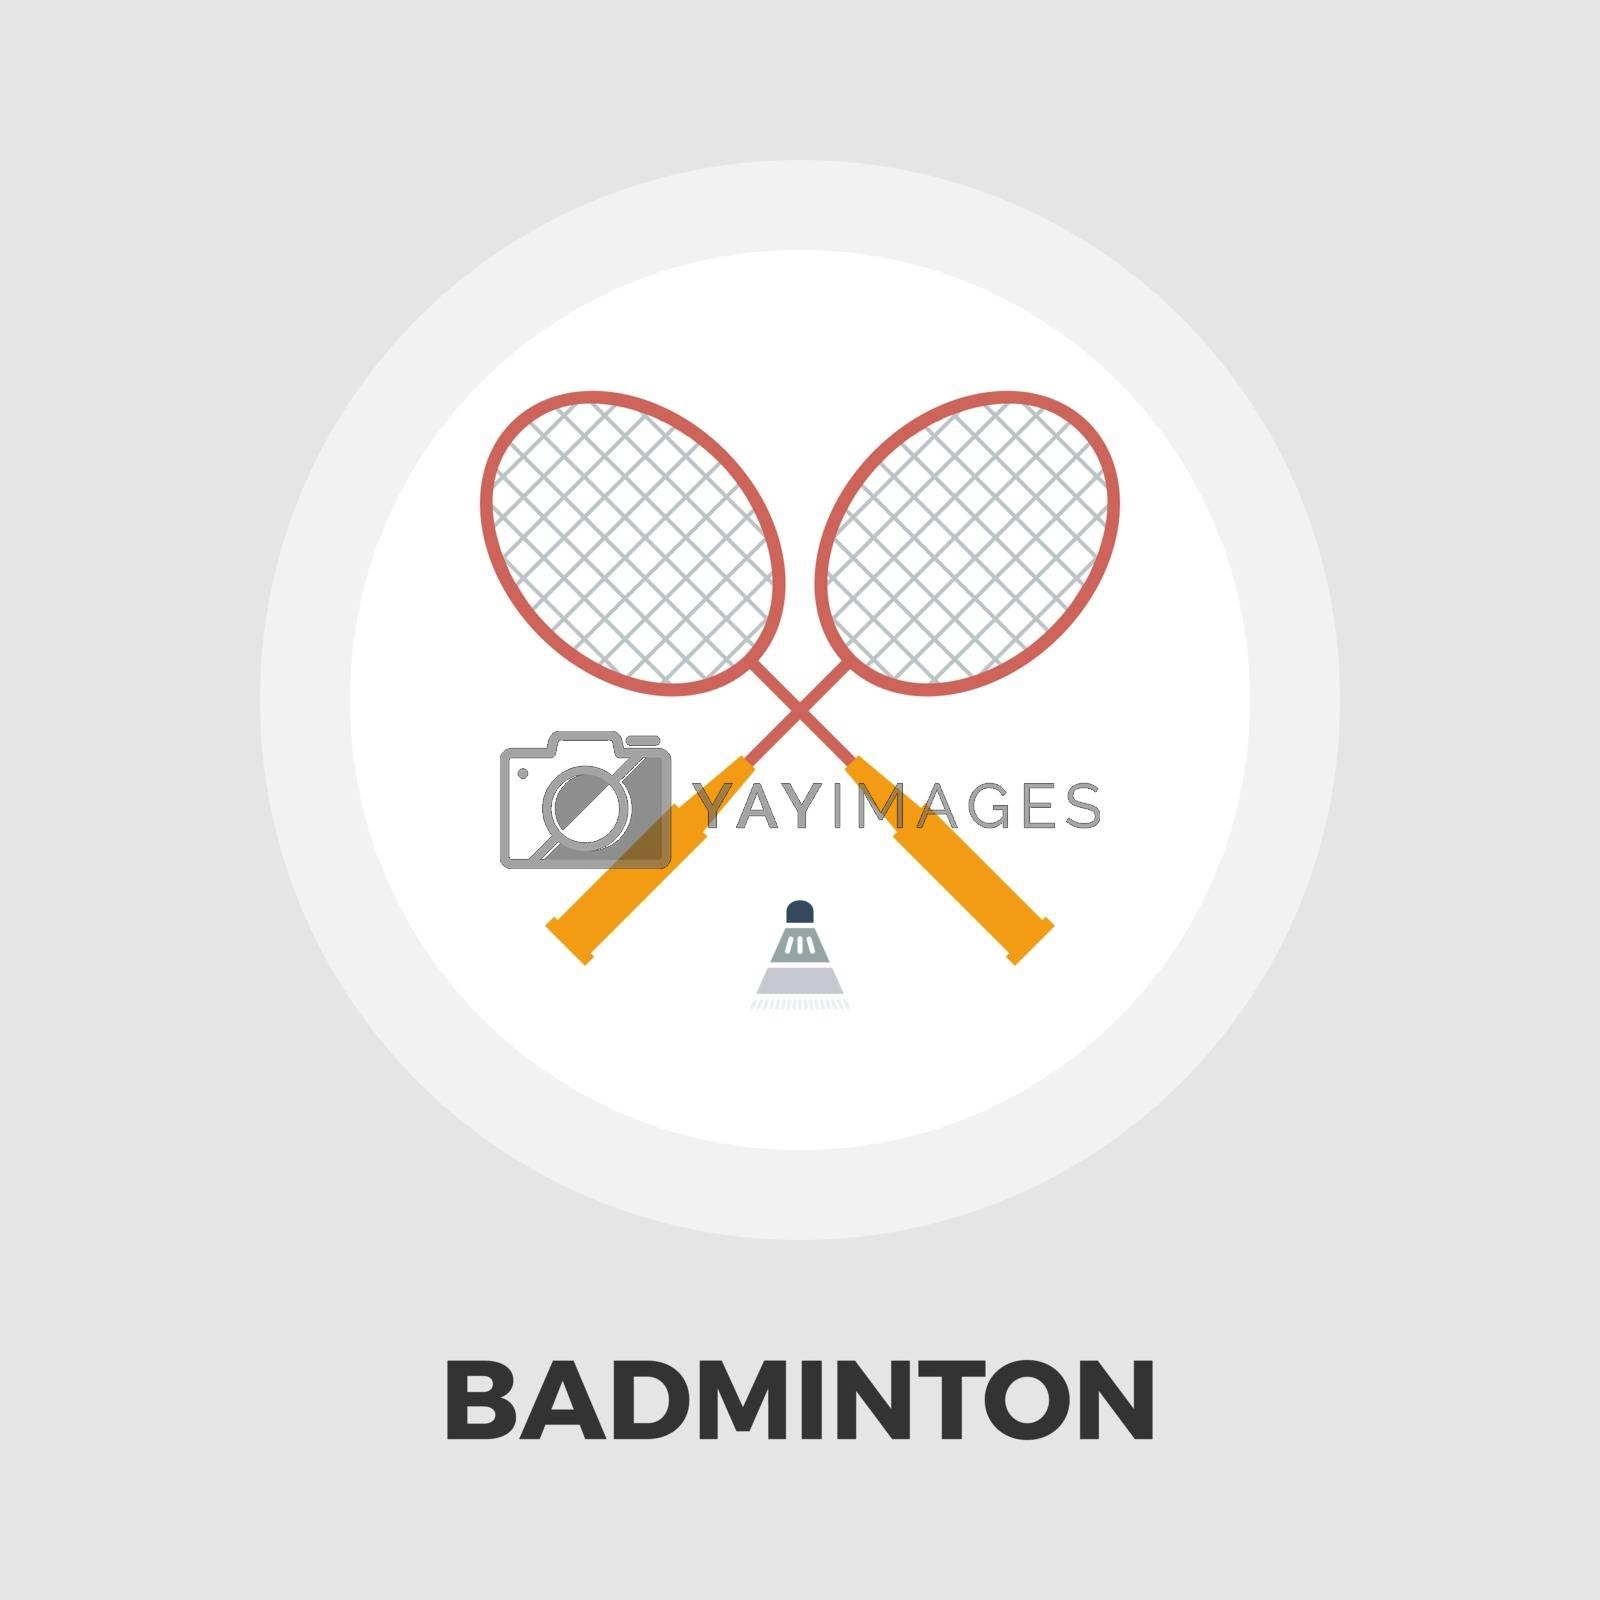 Badminton flat icon by smoki